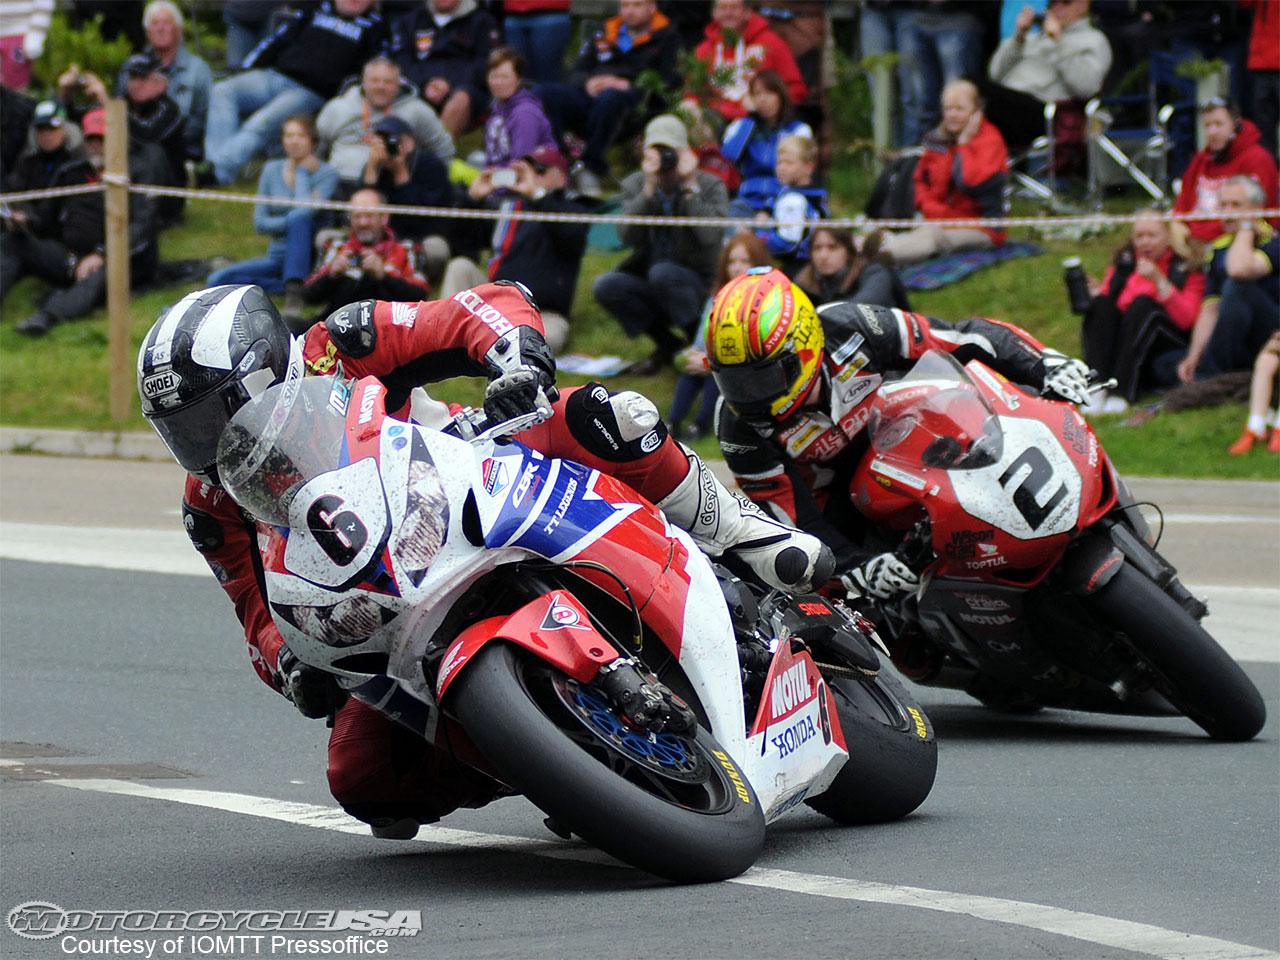 Road Races, TT et courses sur route  - Page 2 Dunlop-Donald-SBK-TT